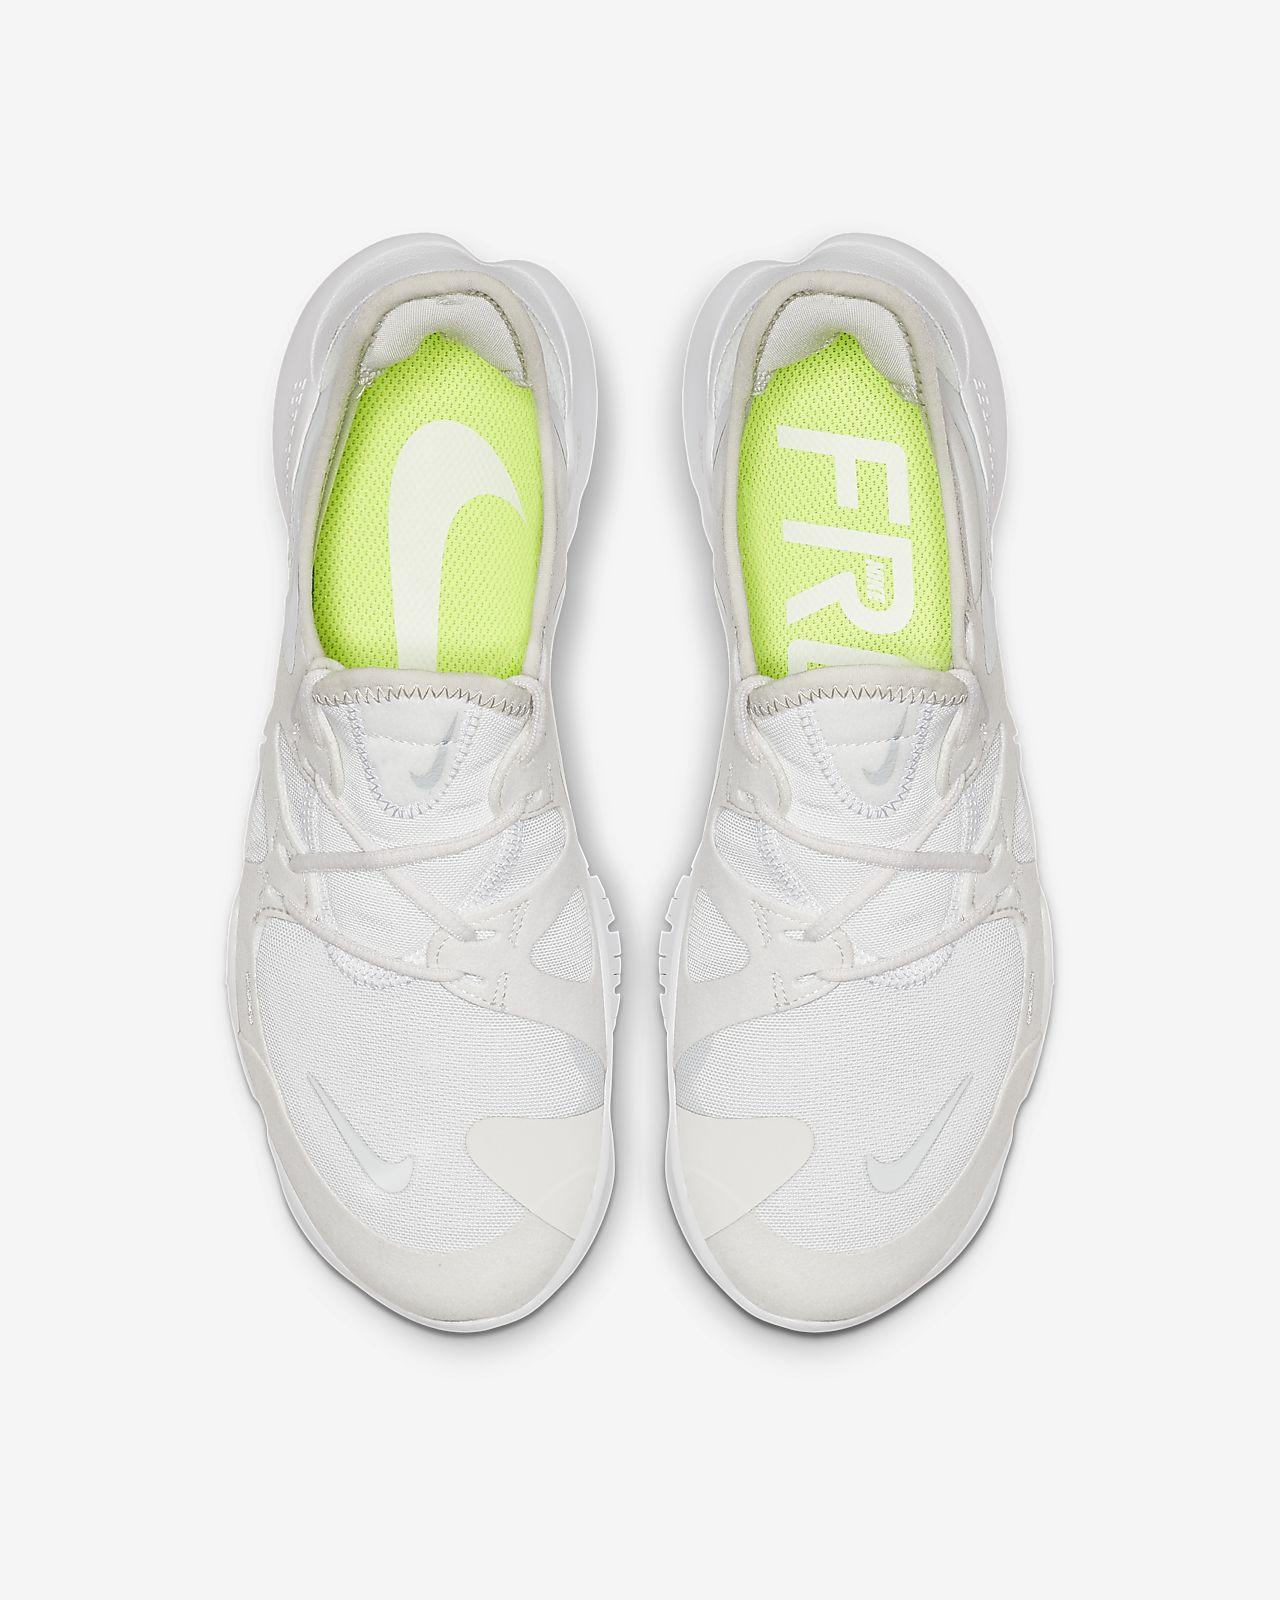 b55ce91709fbf Nike Free RN 5.0 Women's Running Shoe. Nike.com NO